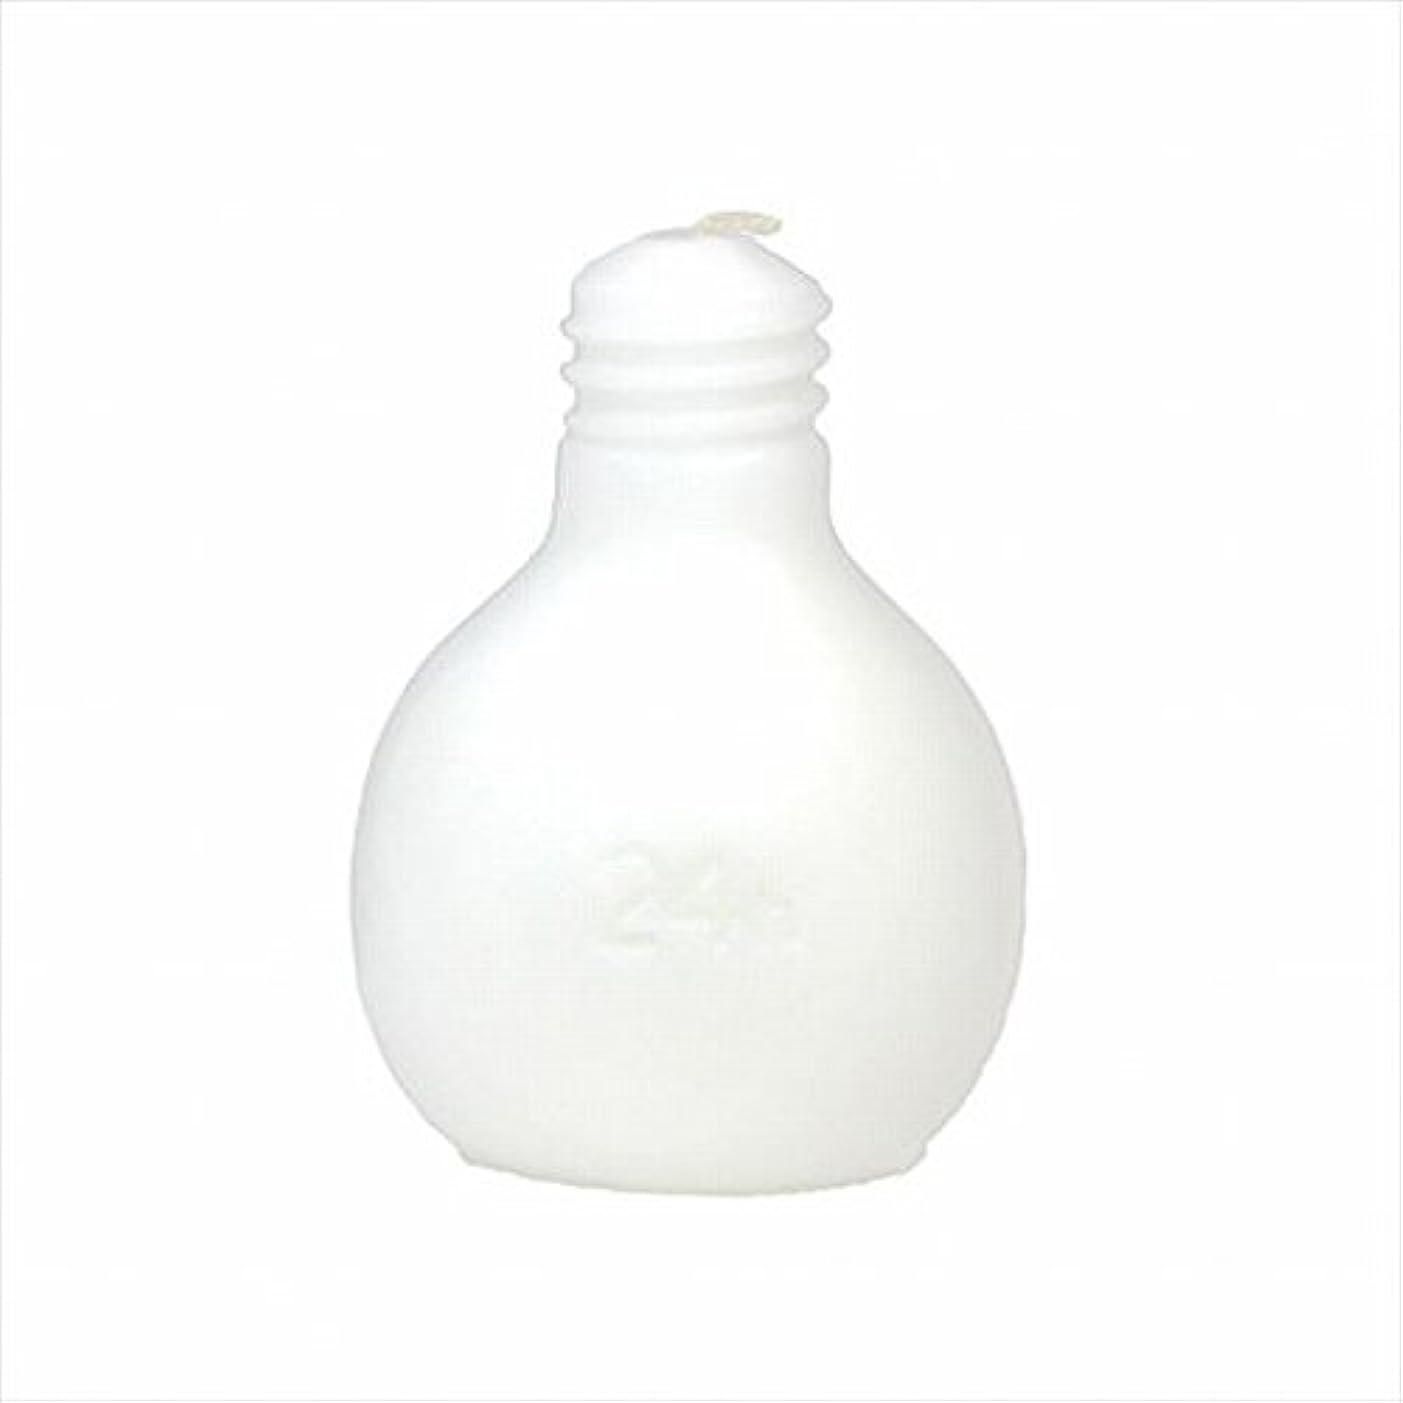 時制通り抜ける獲物カメヤマキャンドル(kameyama candle) 節電球キャンドル 「 ホワイト 」